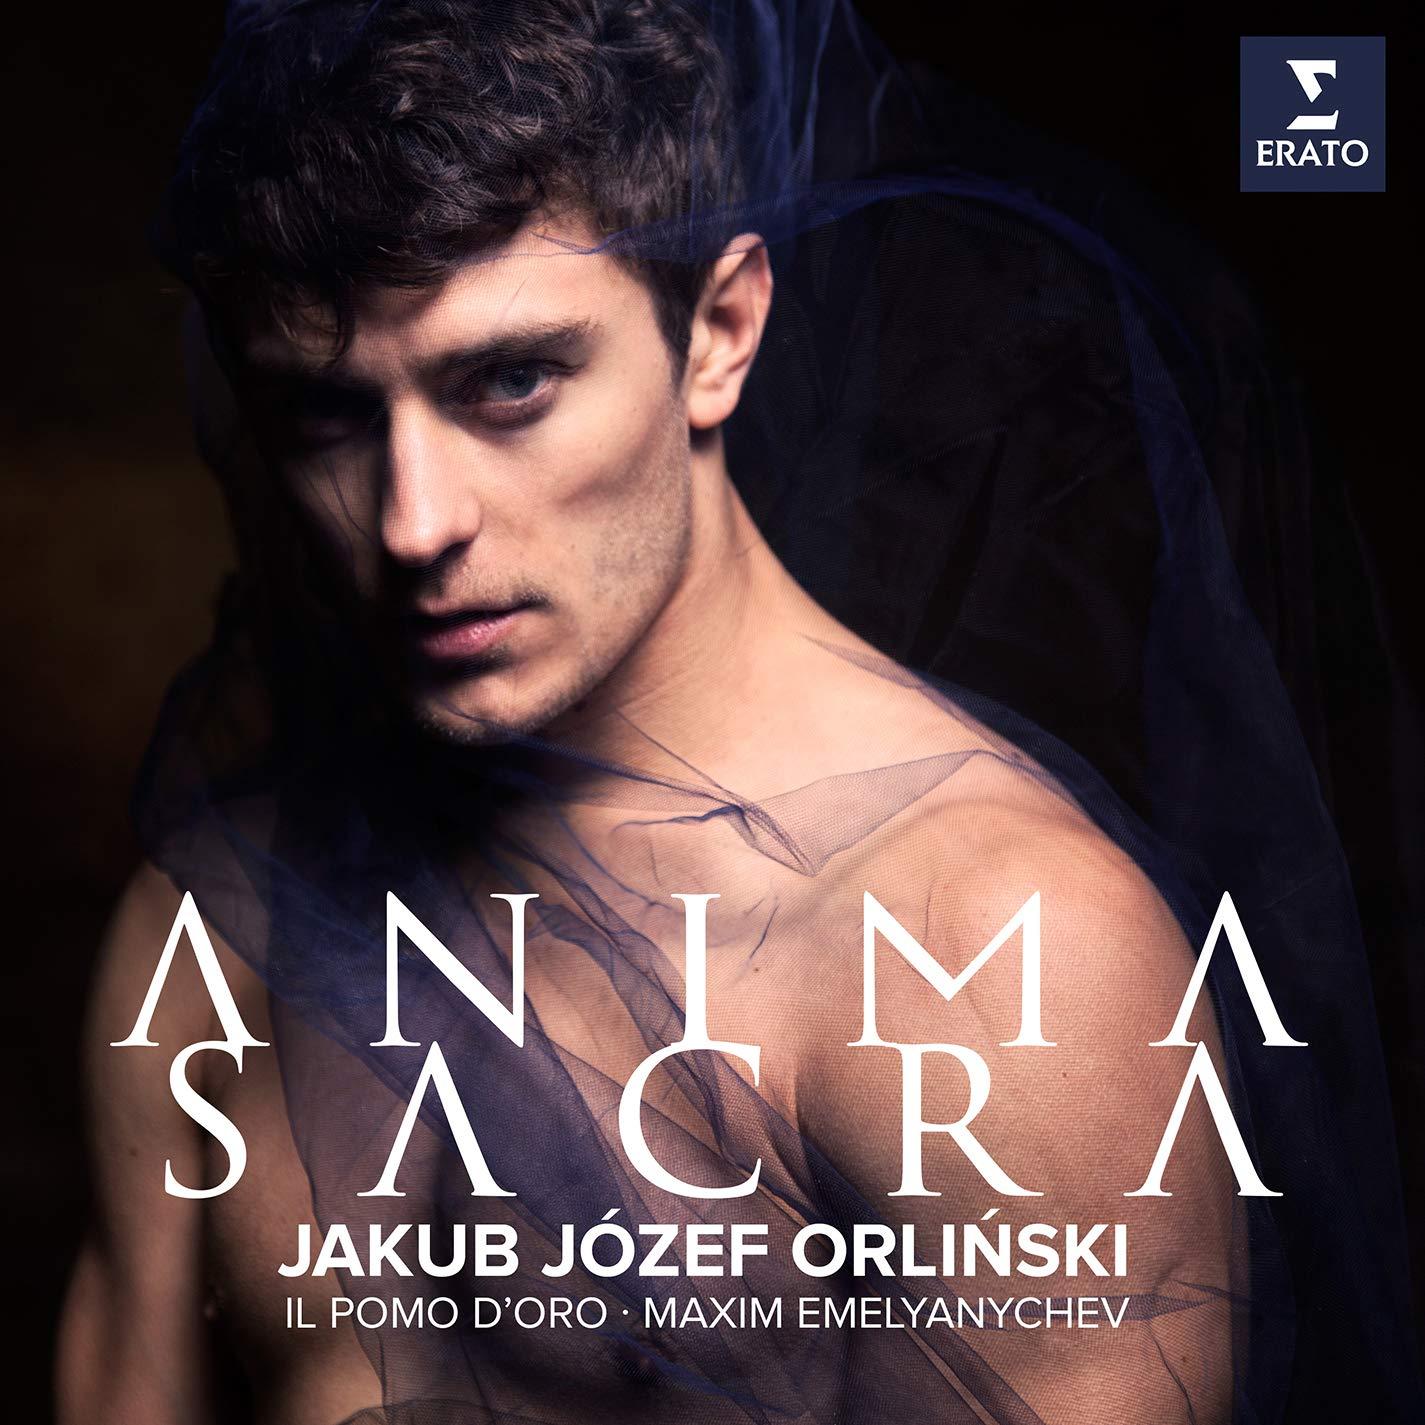 CD : JAKUB JOZEF ORLINSKI - Anima Sacra (CD)